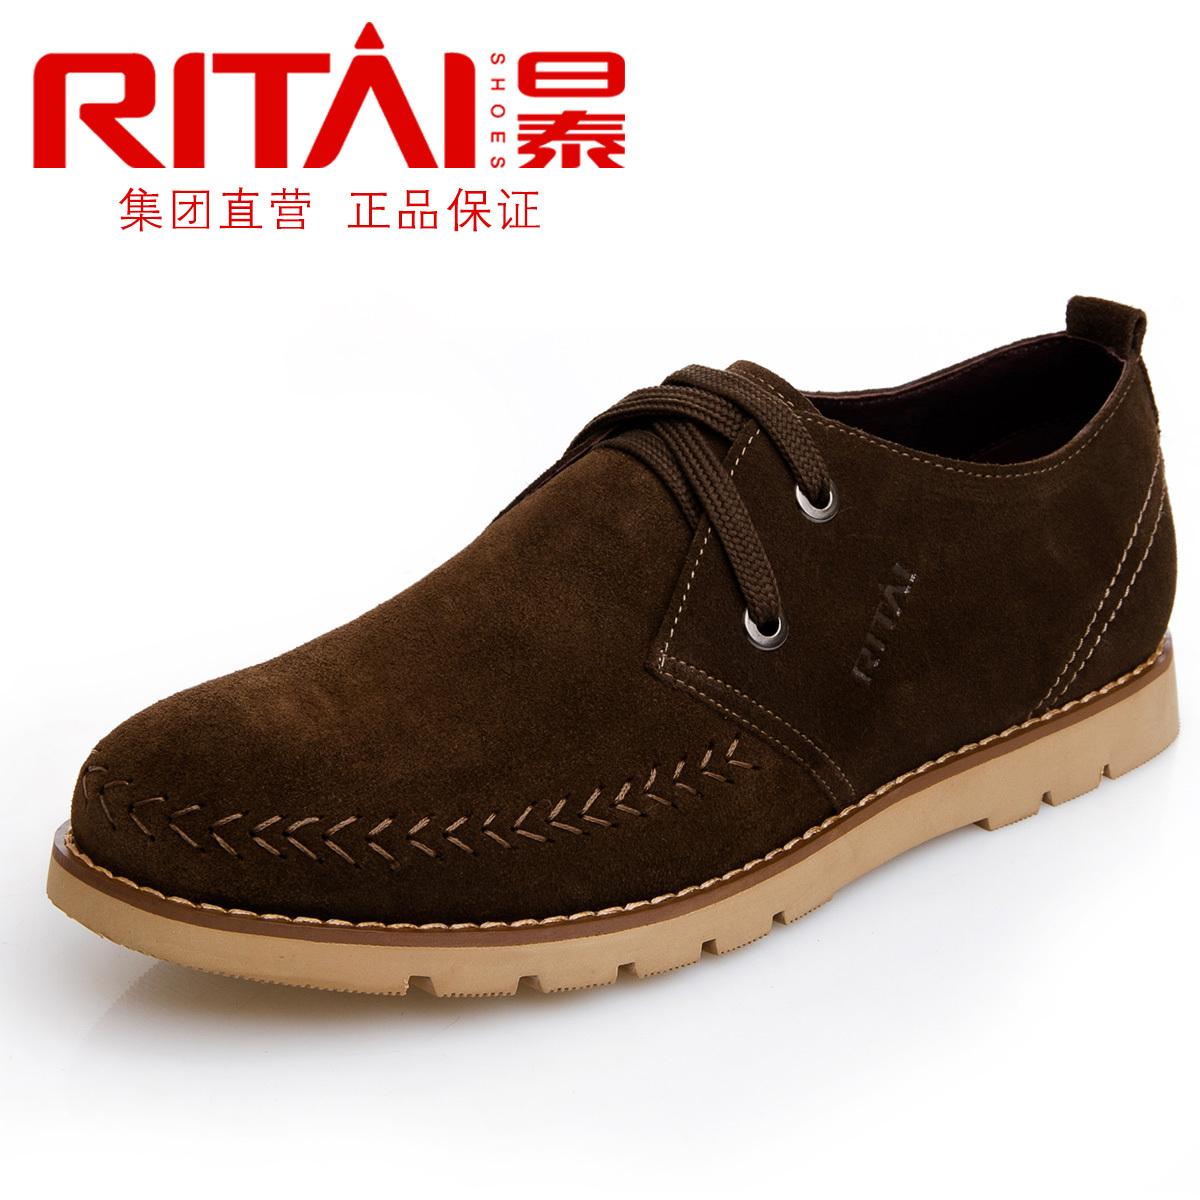 Демисезонные ботинки Japan and Thailand 022aw6193/05r 2013